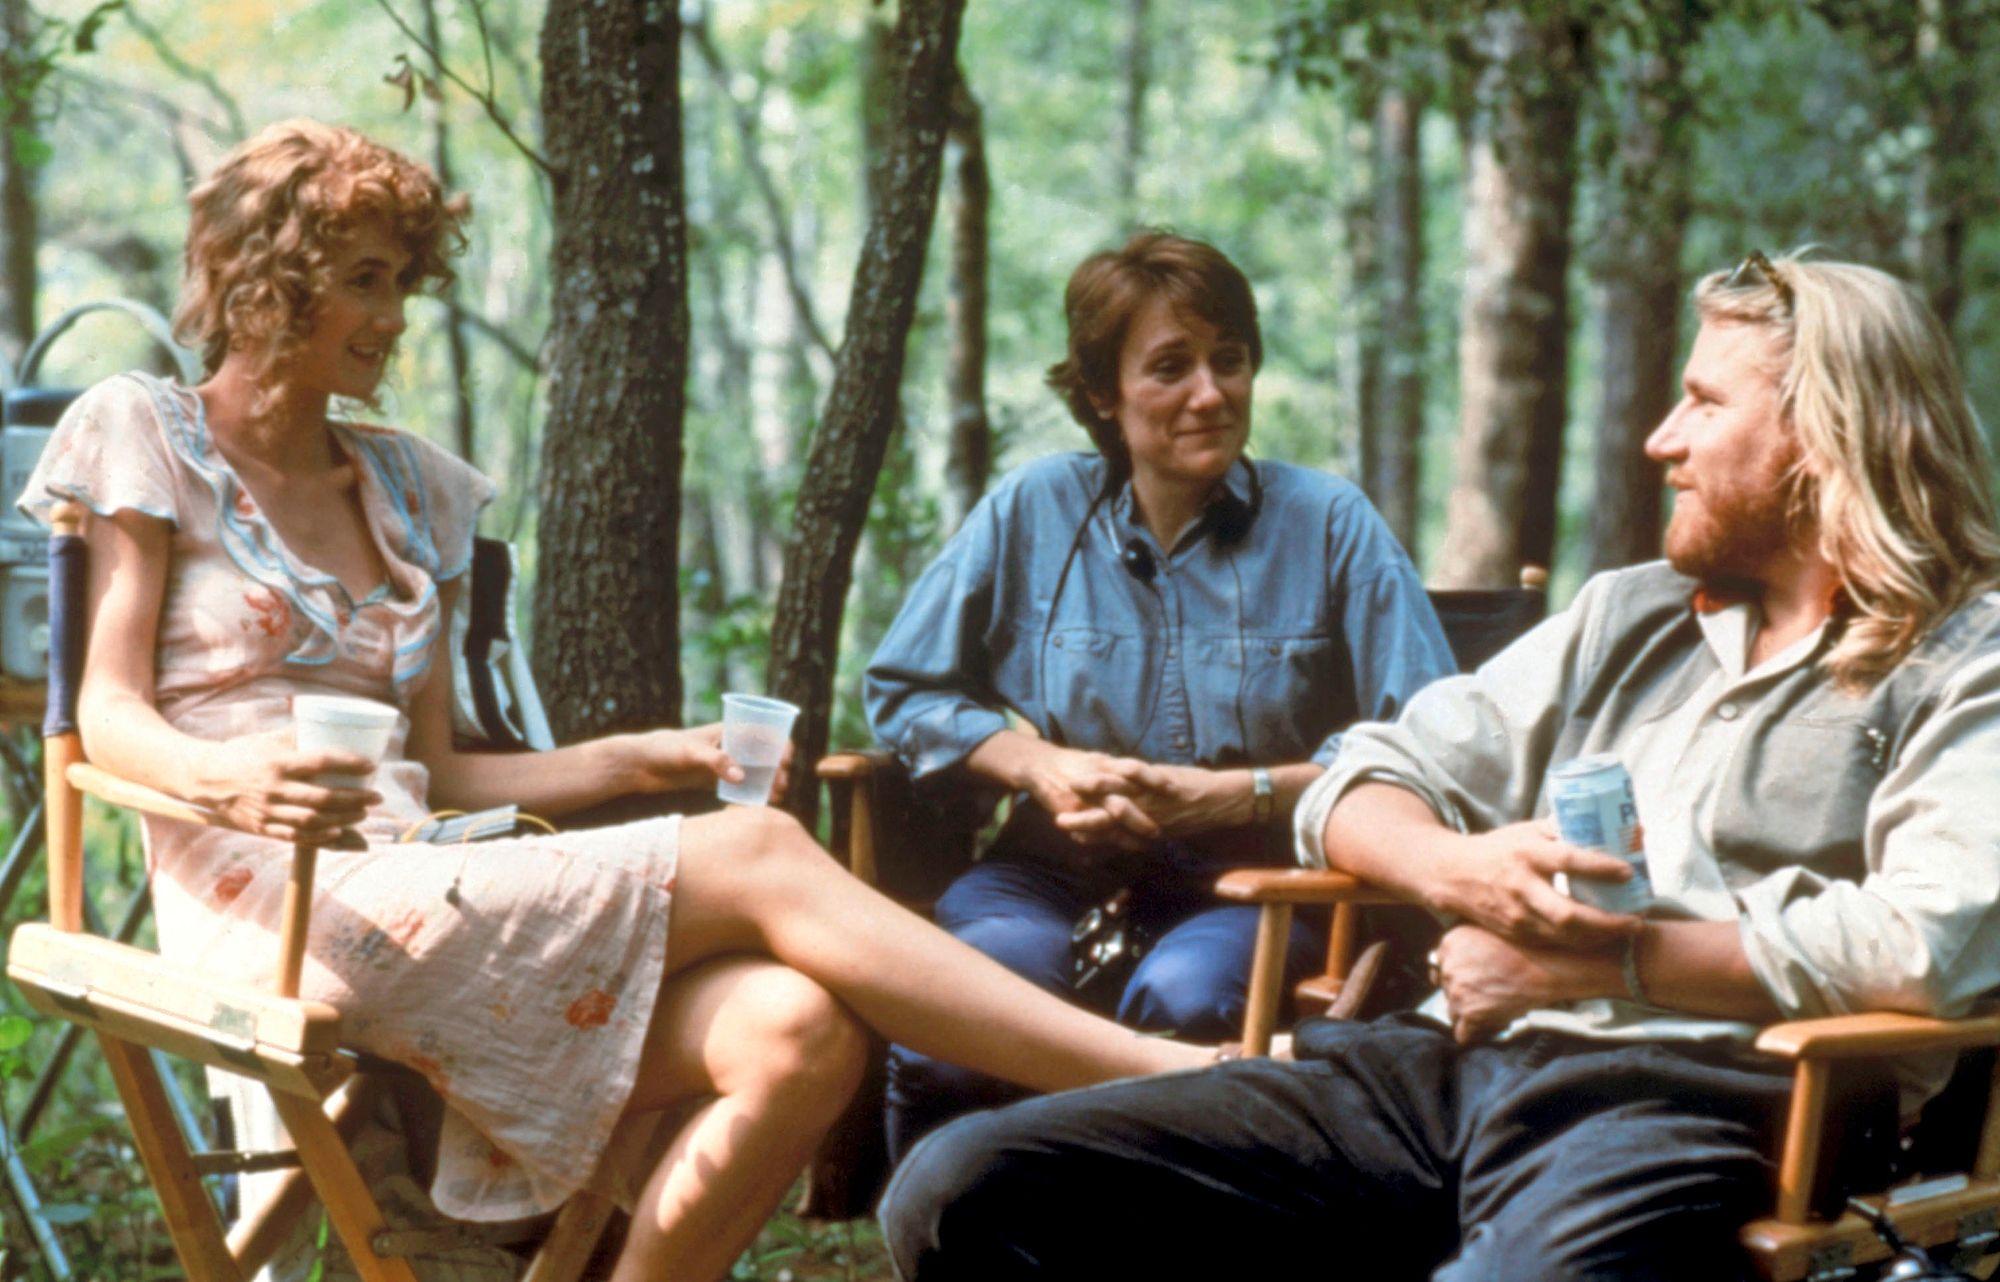 Harlinin vuonna 1991 tuottama Rambling Rose voitti parhaan elokuvan palkinnon Film Independent Spirit Awards -gaalassa. Silloinen naisystävä Laura Dern sai Oscar-ehdokkuuden parhaasta naispääosasta. Keskellä ohjaaja Martha Coolidge. © New Line Cinema / Courtesy Everett Collect / AOP